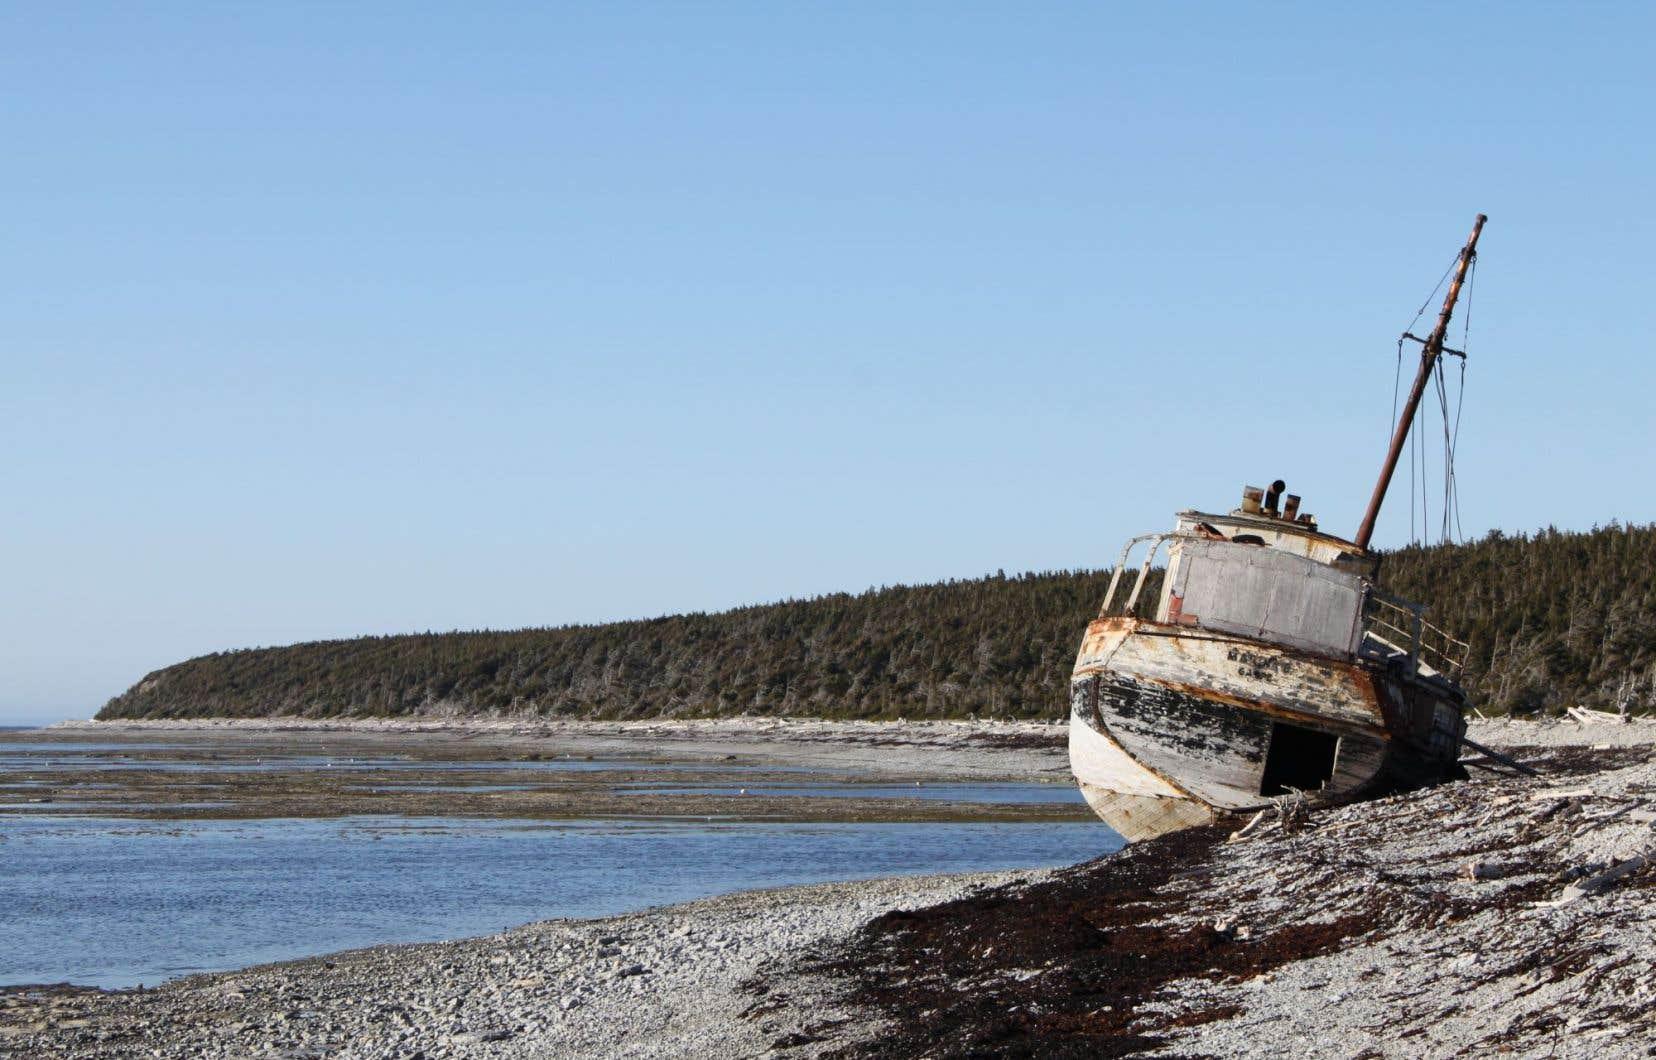 Aucun gisement pétrolier n'a jusqu'ici été découvert sur Anticosti, malgré des décennies de recherche financée notamment par l'État québécois.